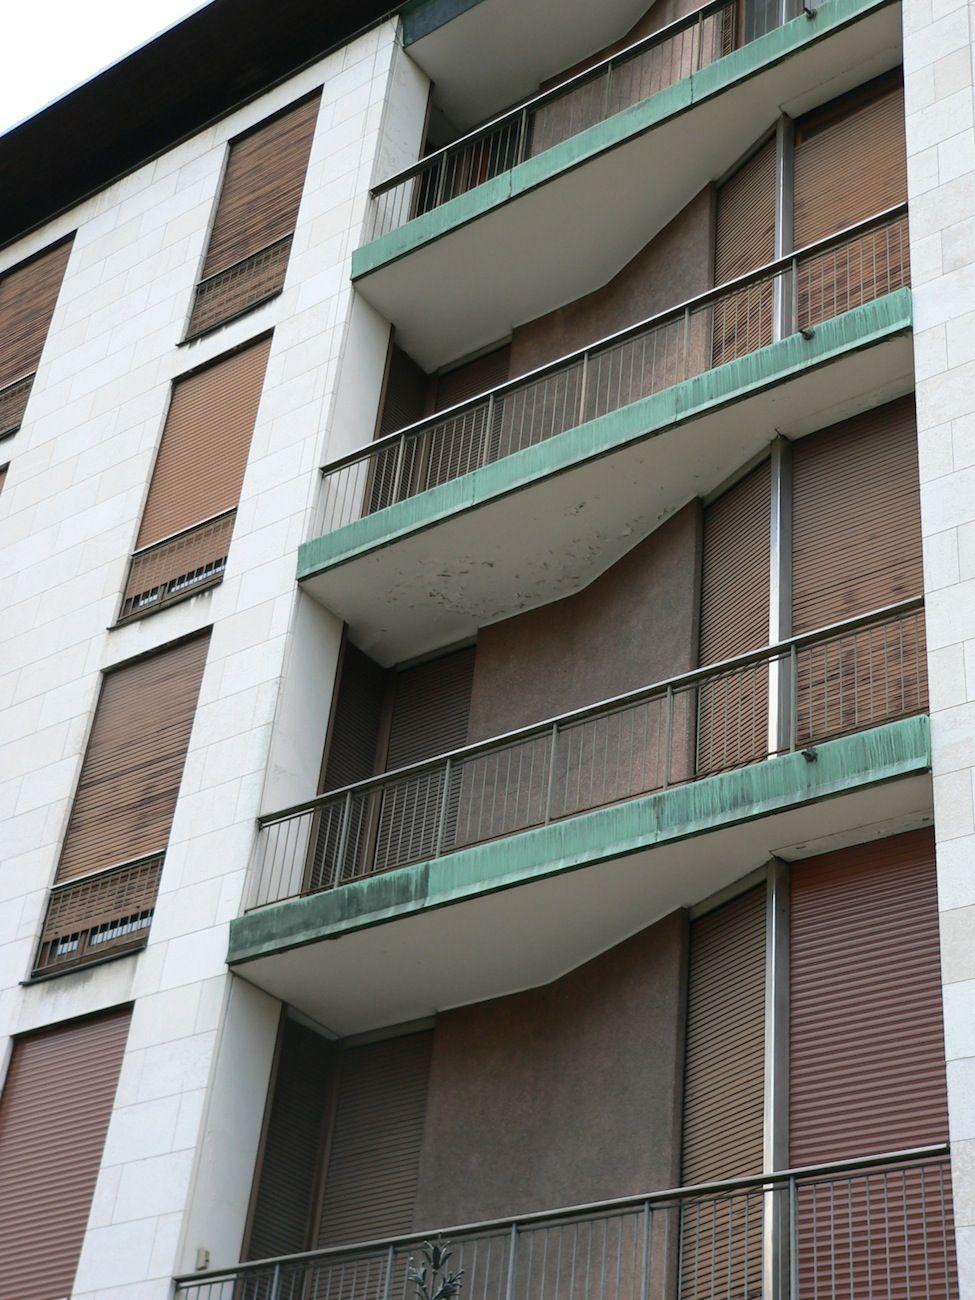 Ignazio gardella casa al parco google suche place for Casa borsalino gardella